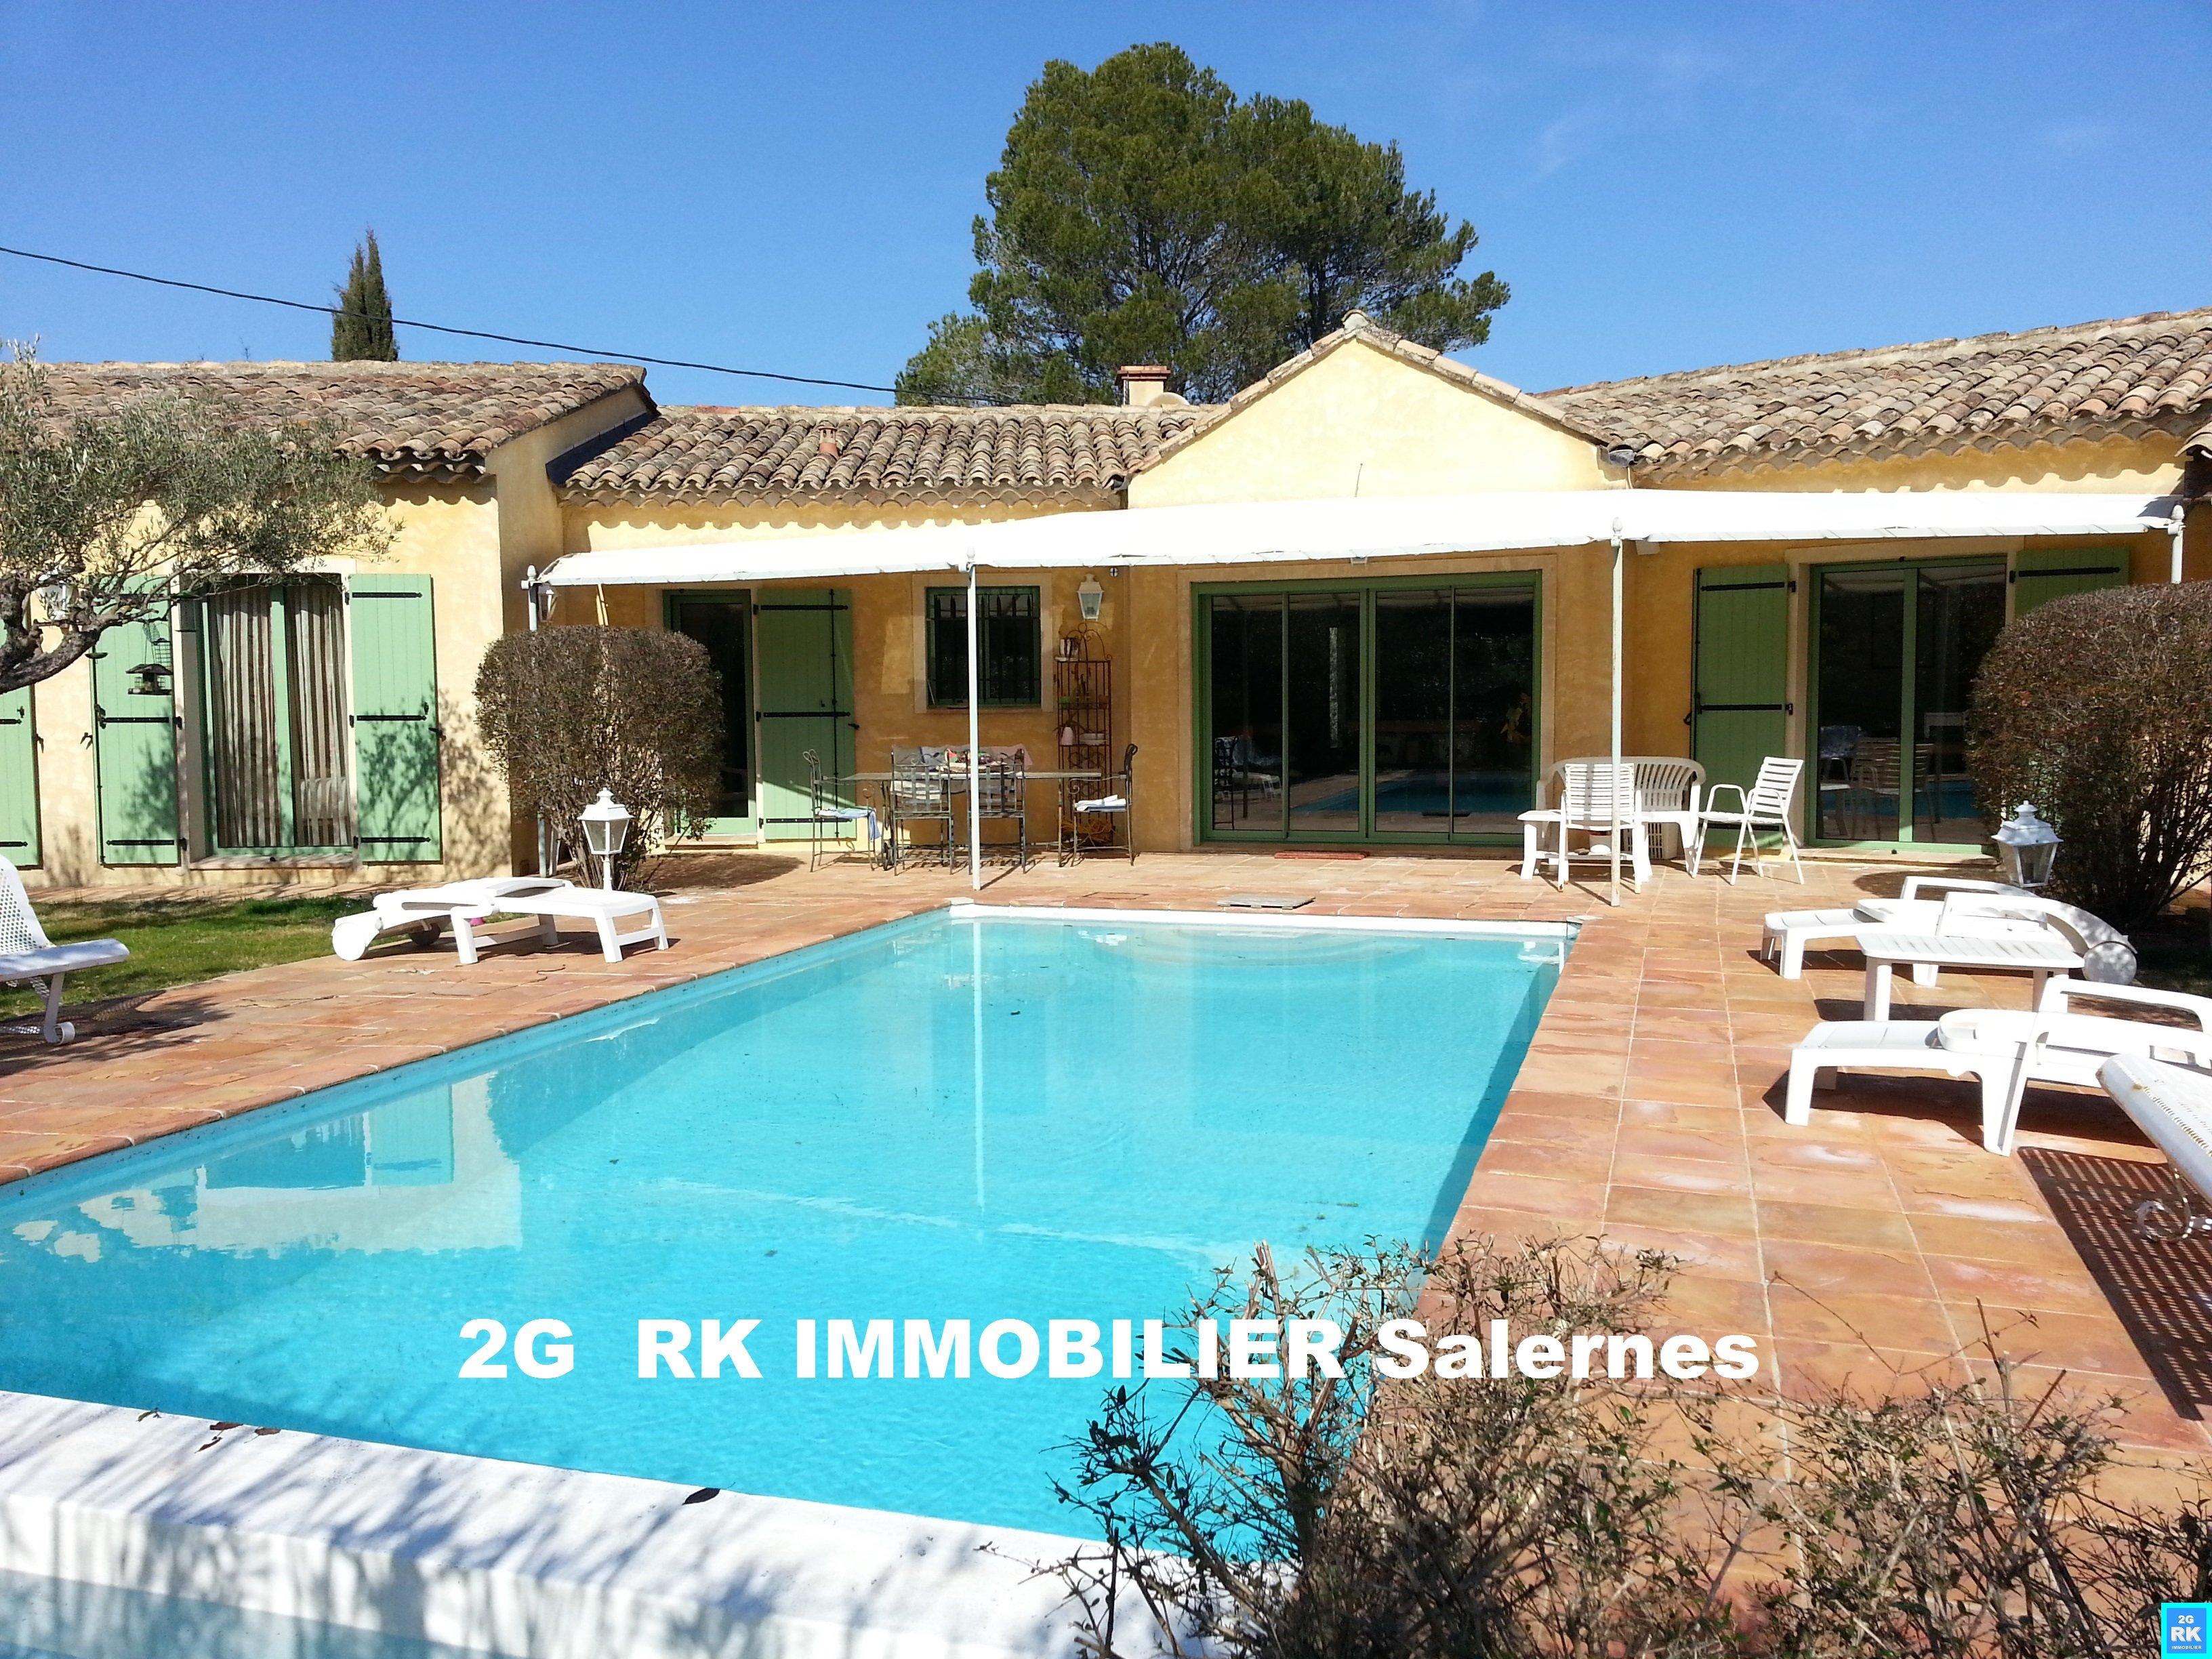 Salernes villa d'architecte 210 m² avec piscine.